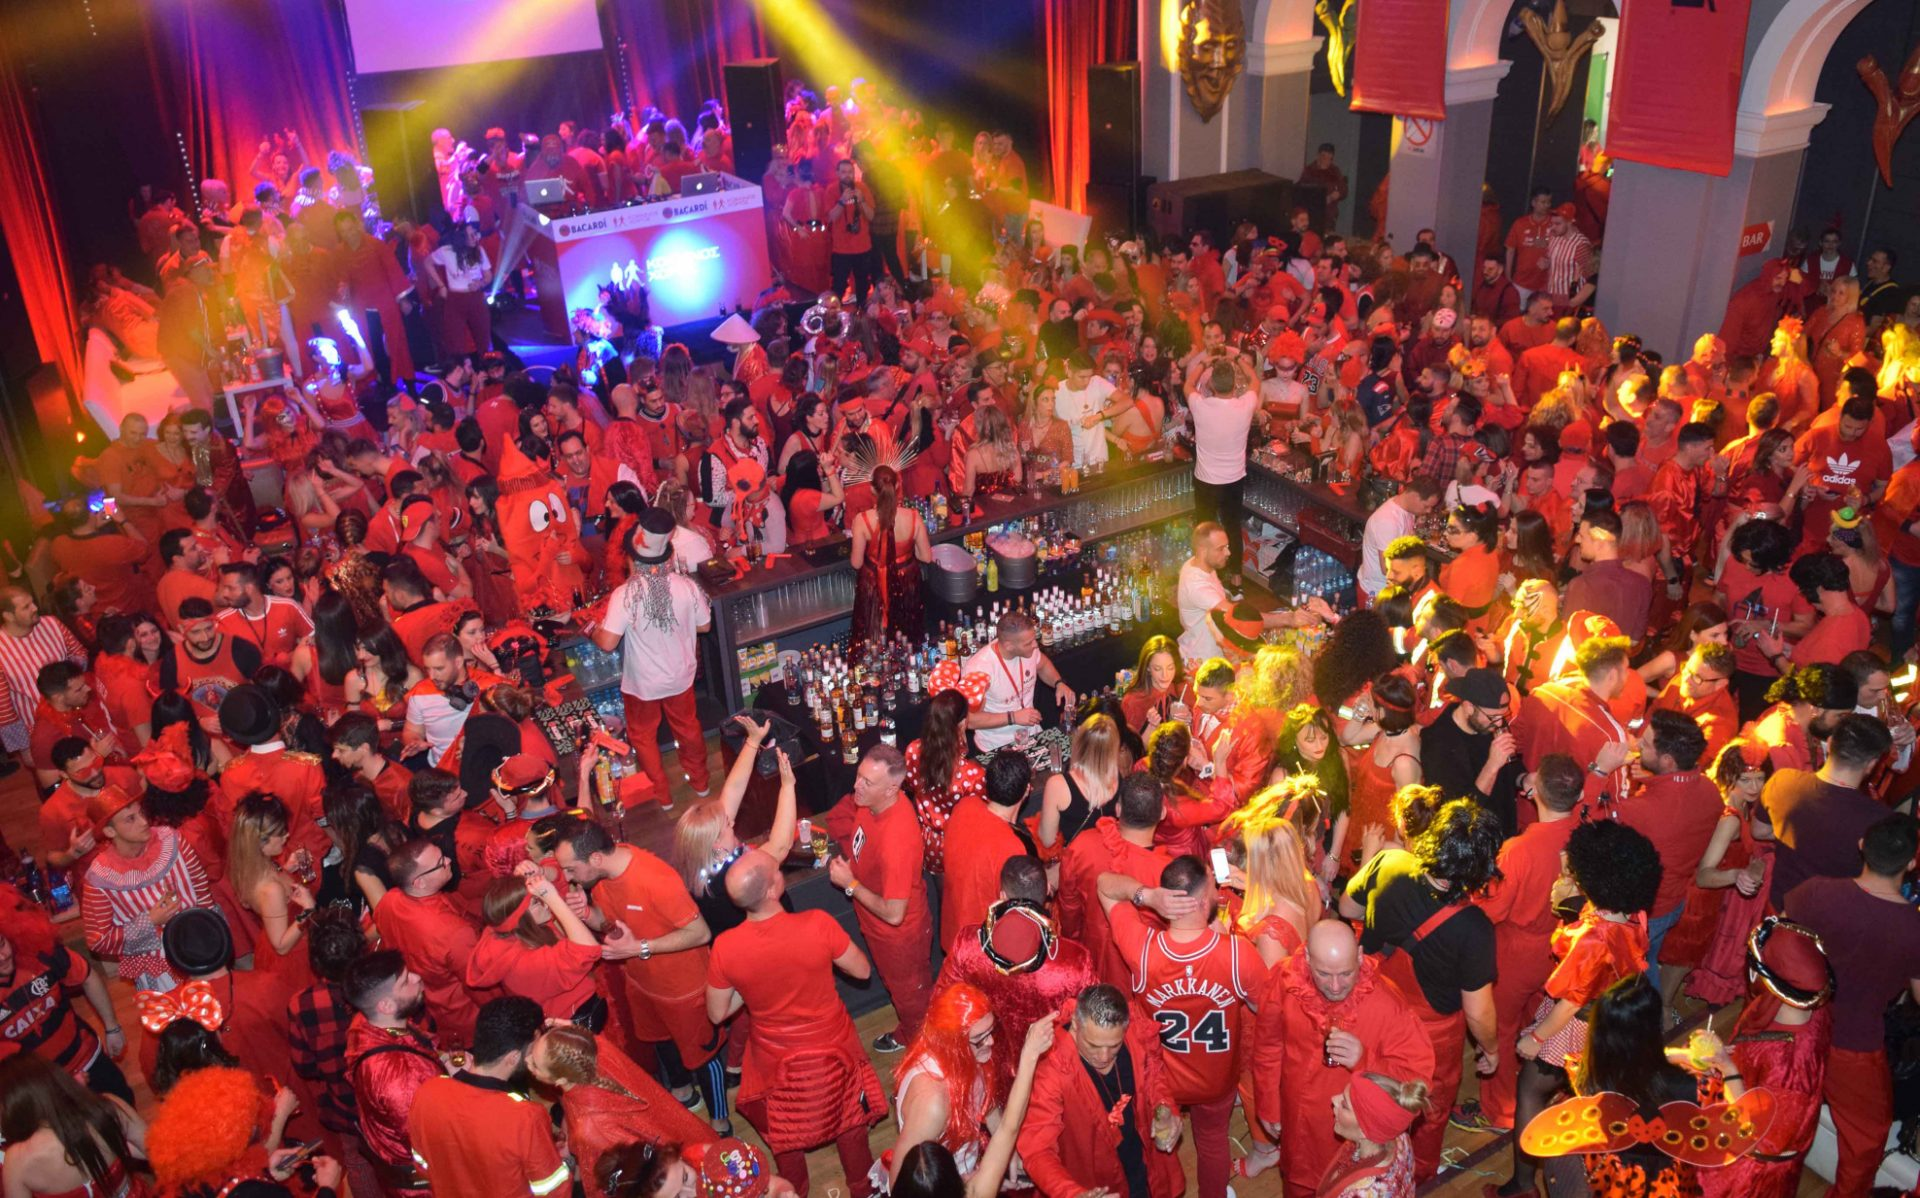 """Η """"επανάσταση"""" κι η ανευθυνότητα μας εξαντλήθηκε στην απαγόρευση για τα καρναβάλια"""